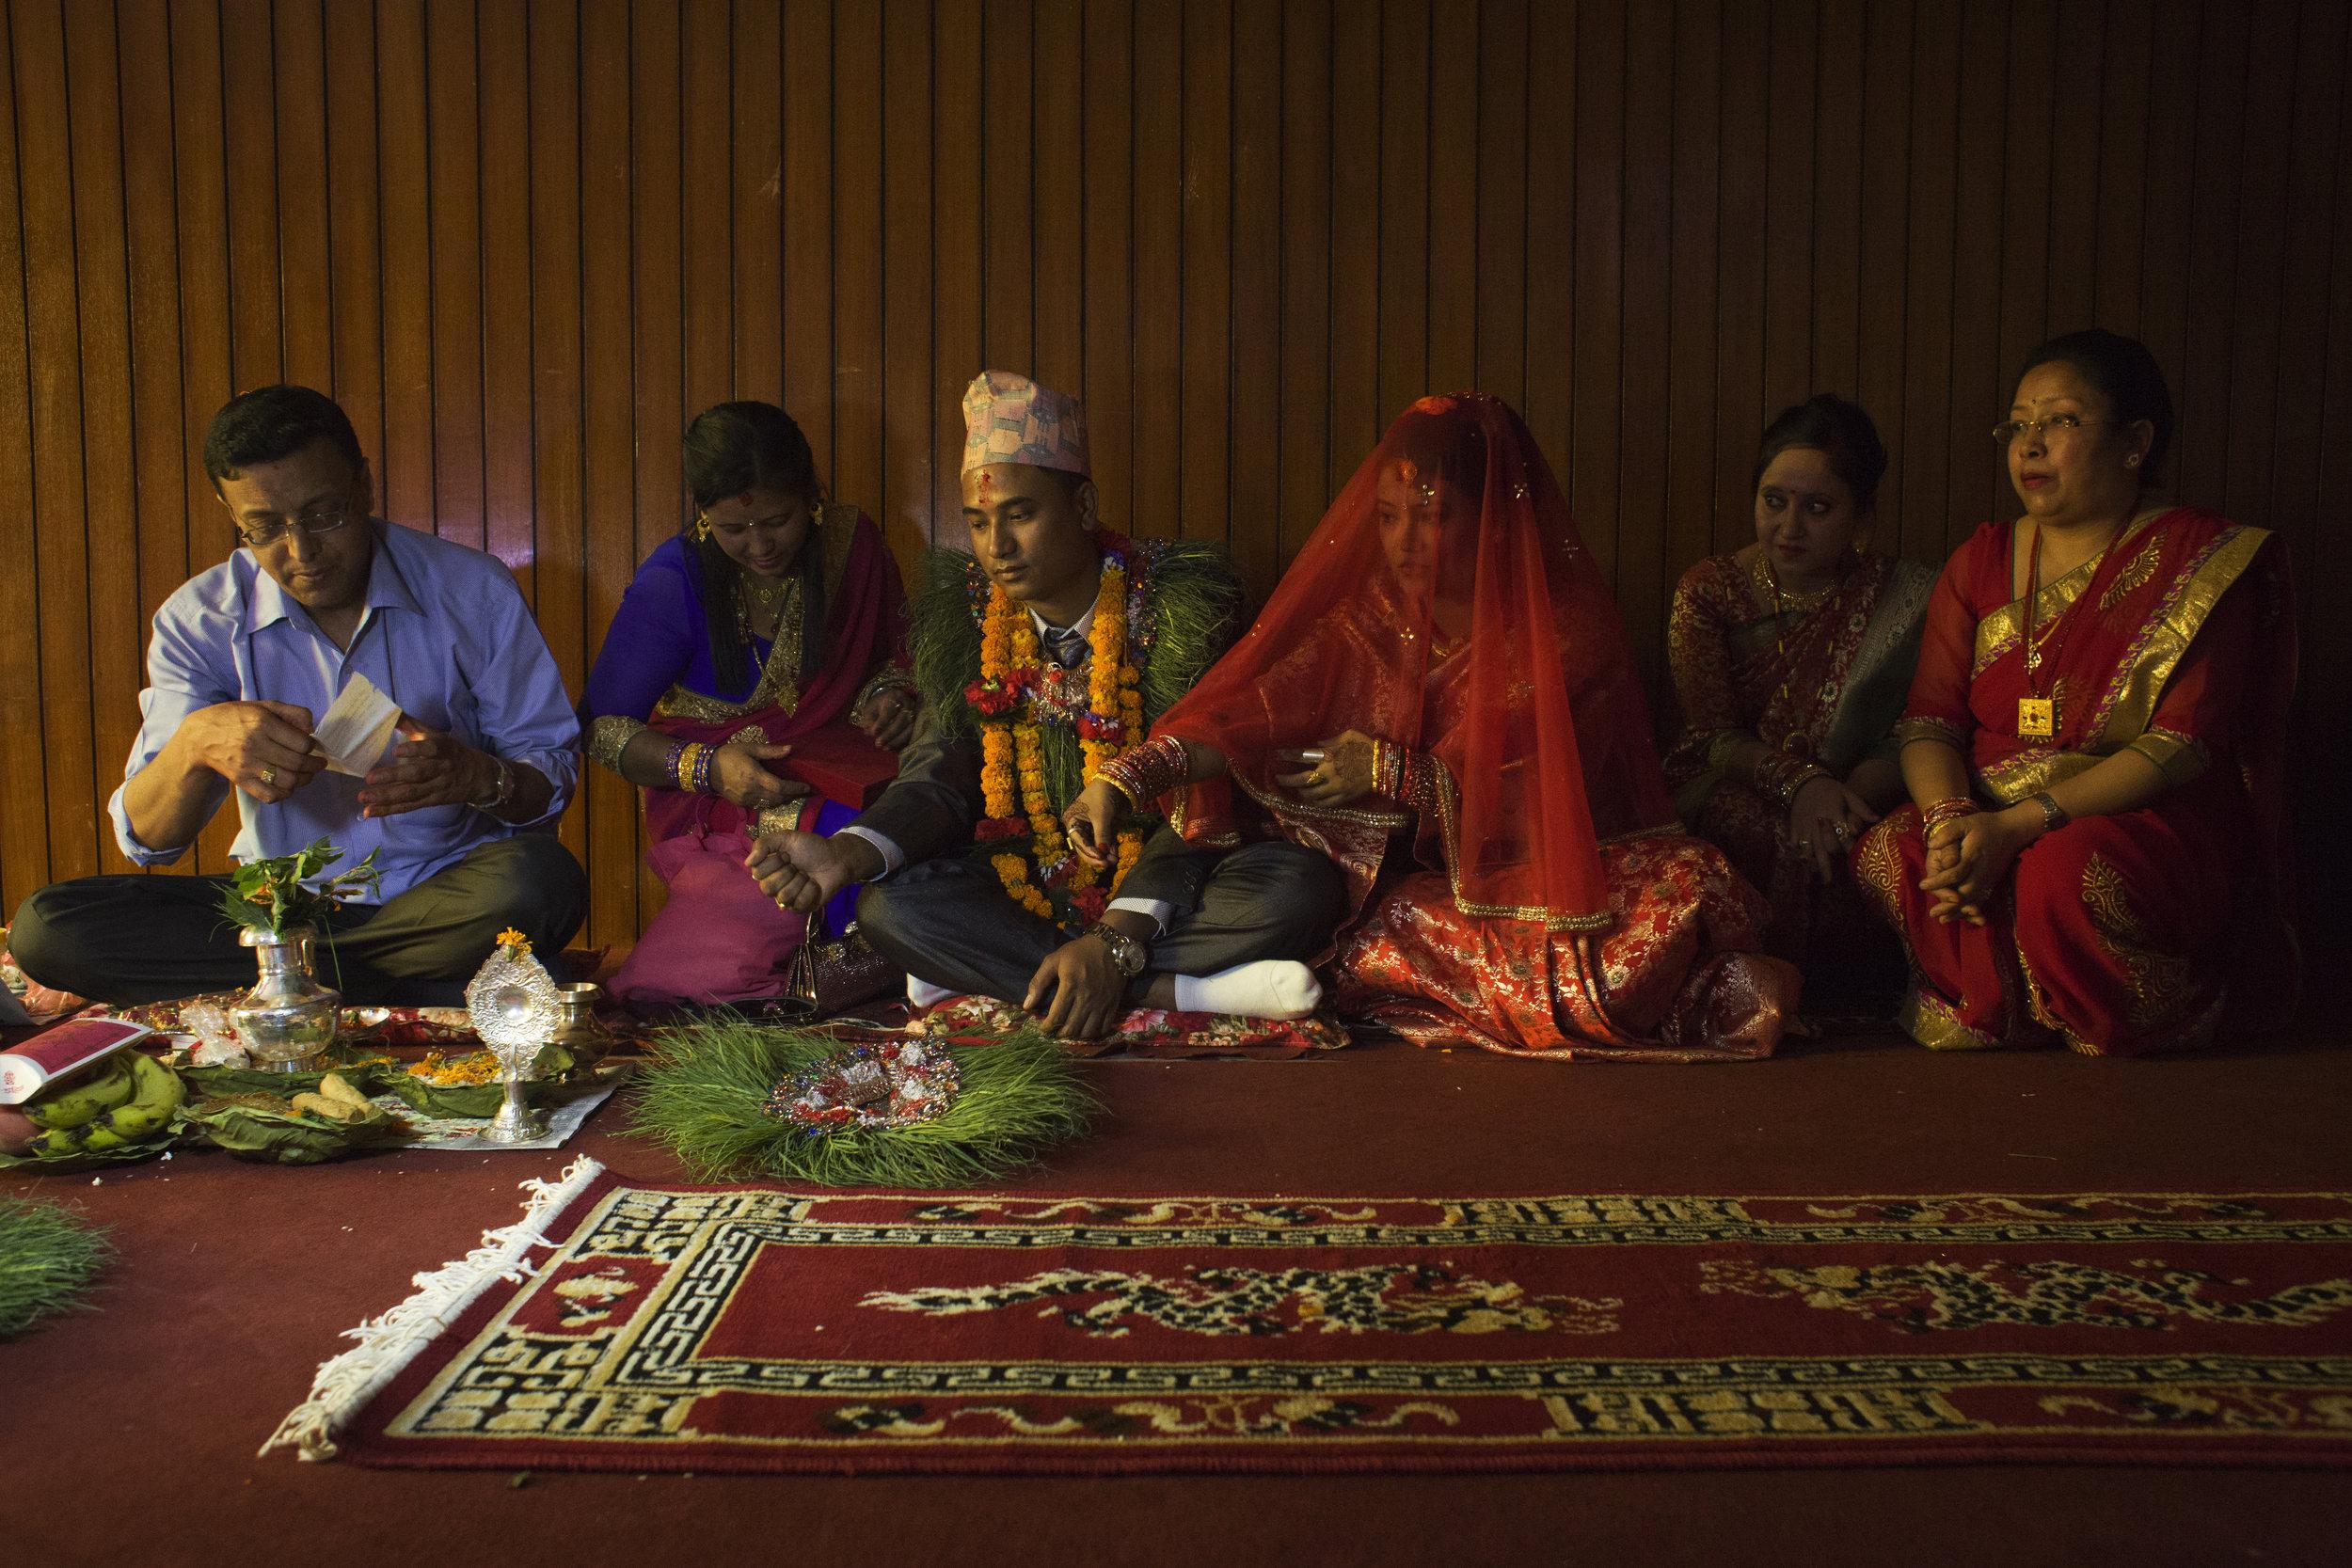 3 Weddings_07.jpg